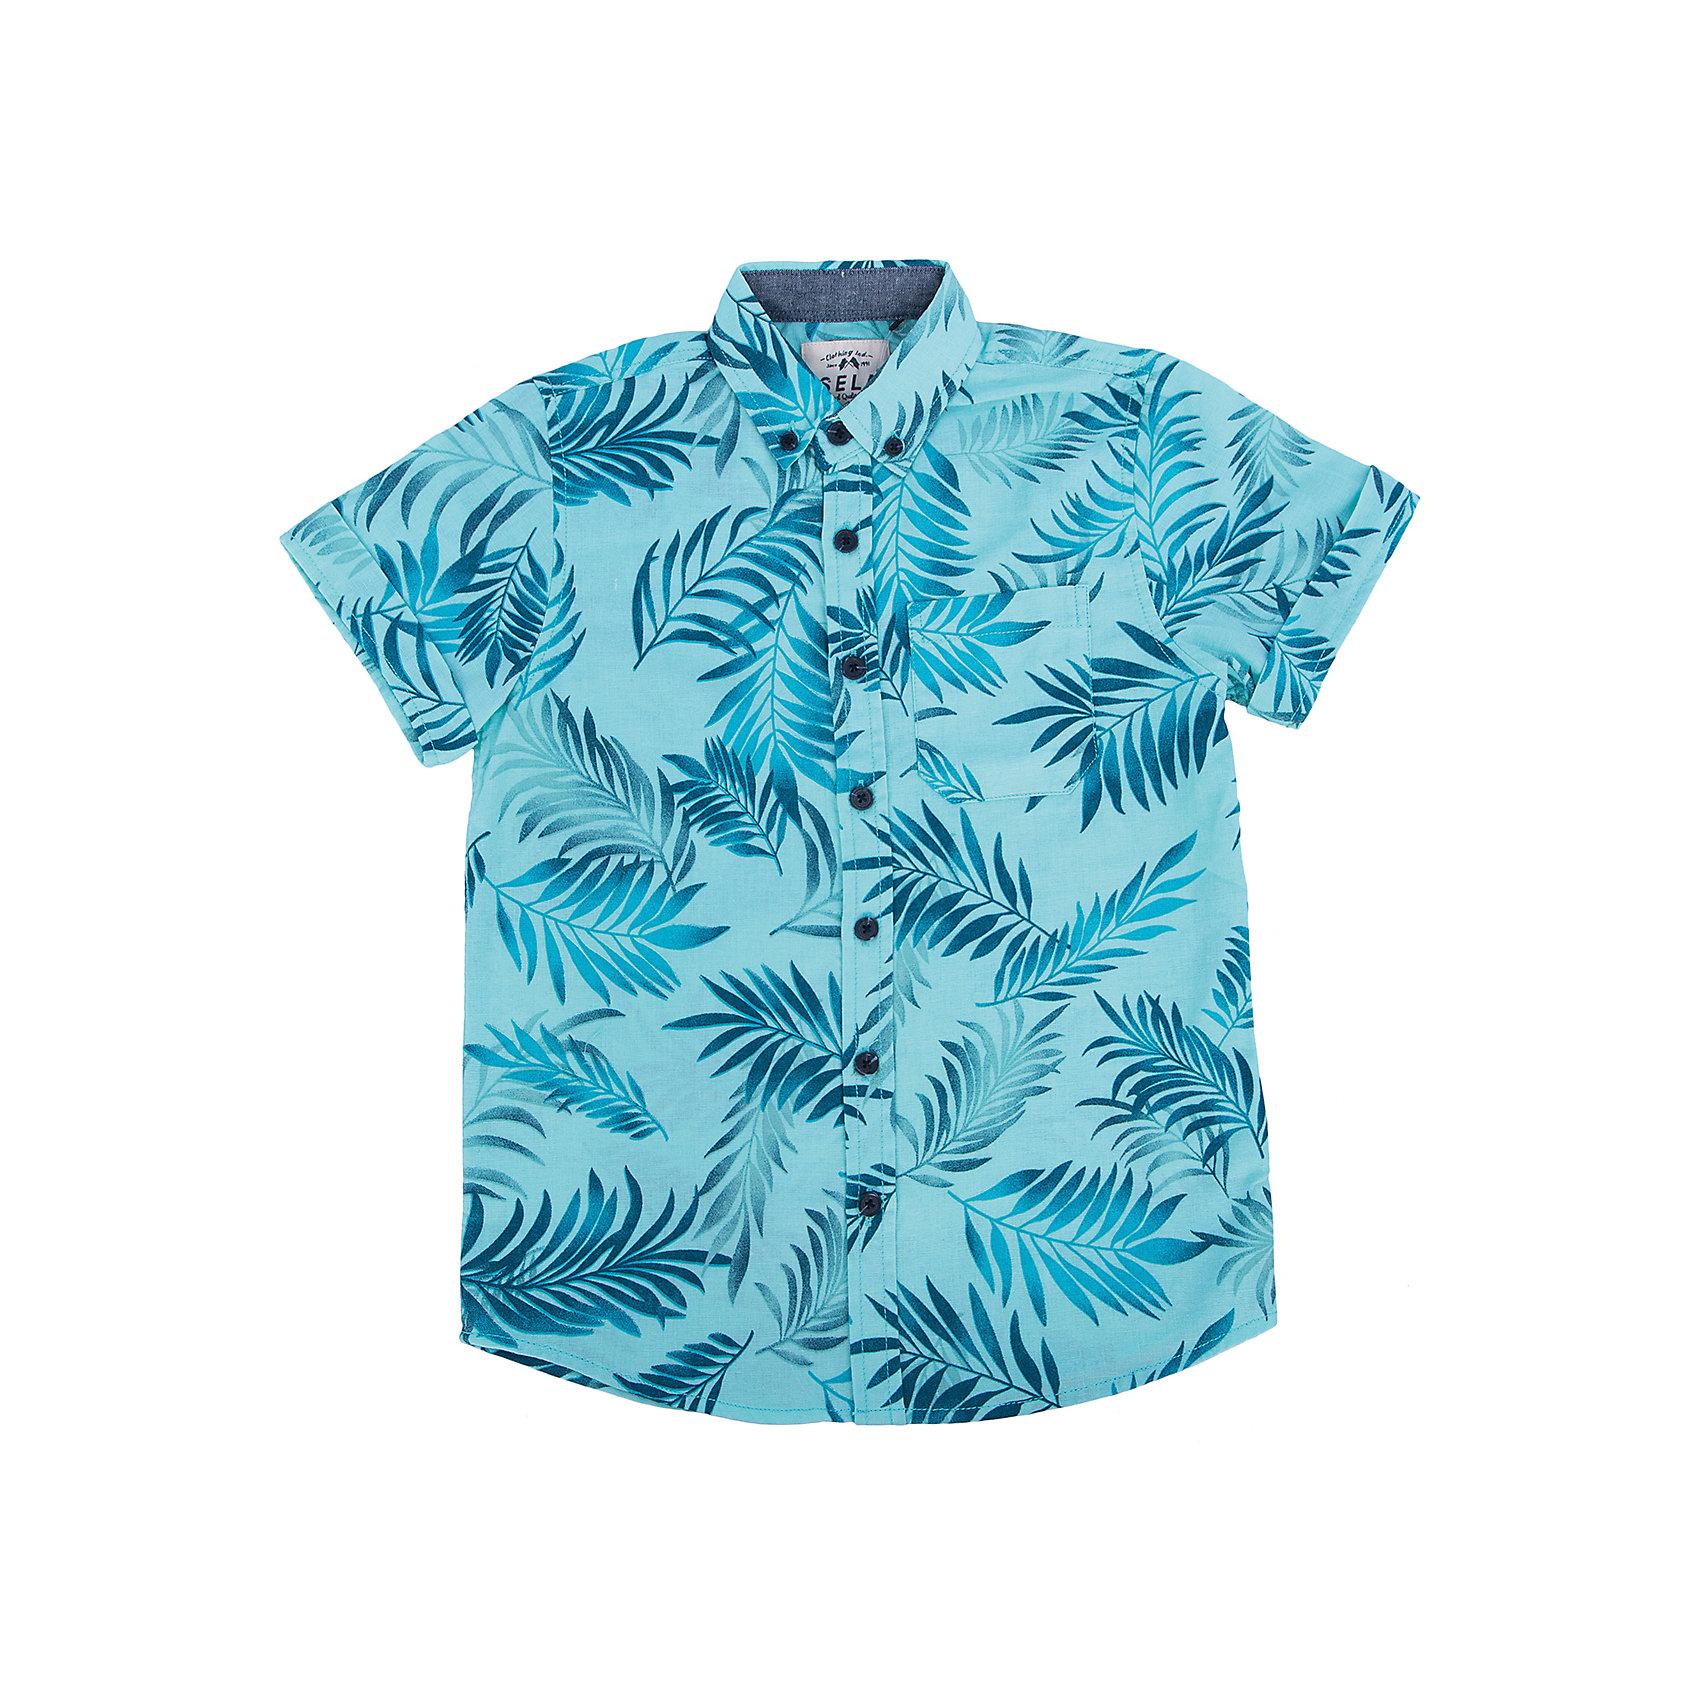 Рубашка для мальчика SELAБлузки и рубашки<br>Модная рубашка от известной марки SELА поможет разнообразить летний гардероб мальчика, создать легкий подходящий погоде ансамбль. Удобный крой и качественный материал обеспечат ребенку комфорт при ношении этой вещи. <br>Смотрится очень модно и нарядно. Материал содержит  натуральный хлопок, дышащий и гипоаллергенный. <br><br>Дополнительная информация:<br><br>материал: 55% лён, 45% хлопок;<br>цвет: ментоловый;<br>короткие рукава;<br>прямой силуэт;<br>уход за изделием: стирка в машине при температуре до 30°С, не отбеливать, гладить при низкой температуре.<br><br>Рубашку  от бренда SELА (Села) можно купить в нашем магазине.<br><br>Ширина мм: 174<br>Глубина мм: 10<br>Высота мм: 169<br>Вес г: 157<br>Цвет: зеленый<br>Возраст от месяцев: 132<br>Возраст до месяцев: 144<br>Пол: Мужской<br>Возраст: Детский<br>Размер: 116,122,128,152,134,140,146<br>SKU: 4741703